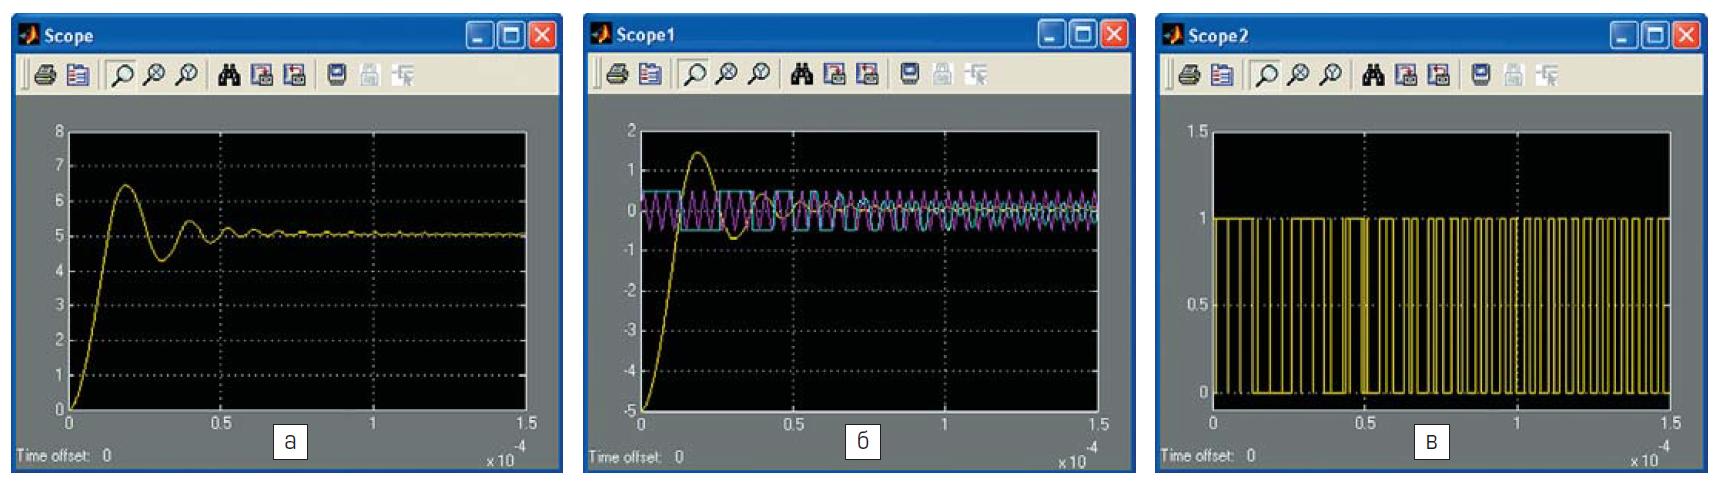 Временные диаграммы выходного напряжения преобразователя сигнала рассогласования (желтый), угла модуляции (голубой), треугольных импульсов генератора (розовый) и импульсов управления транзисторным ключом